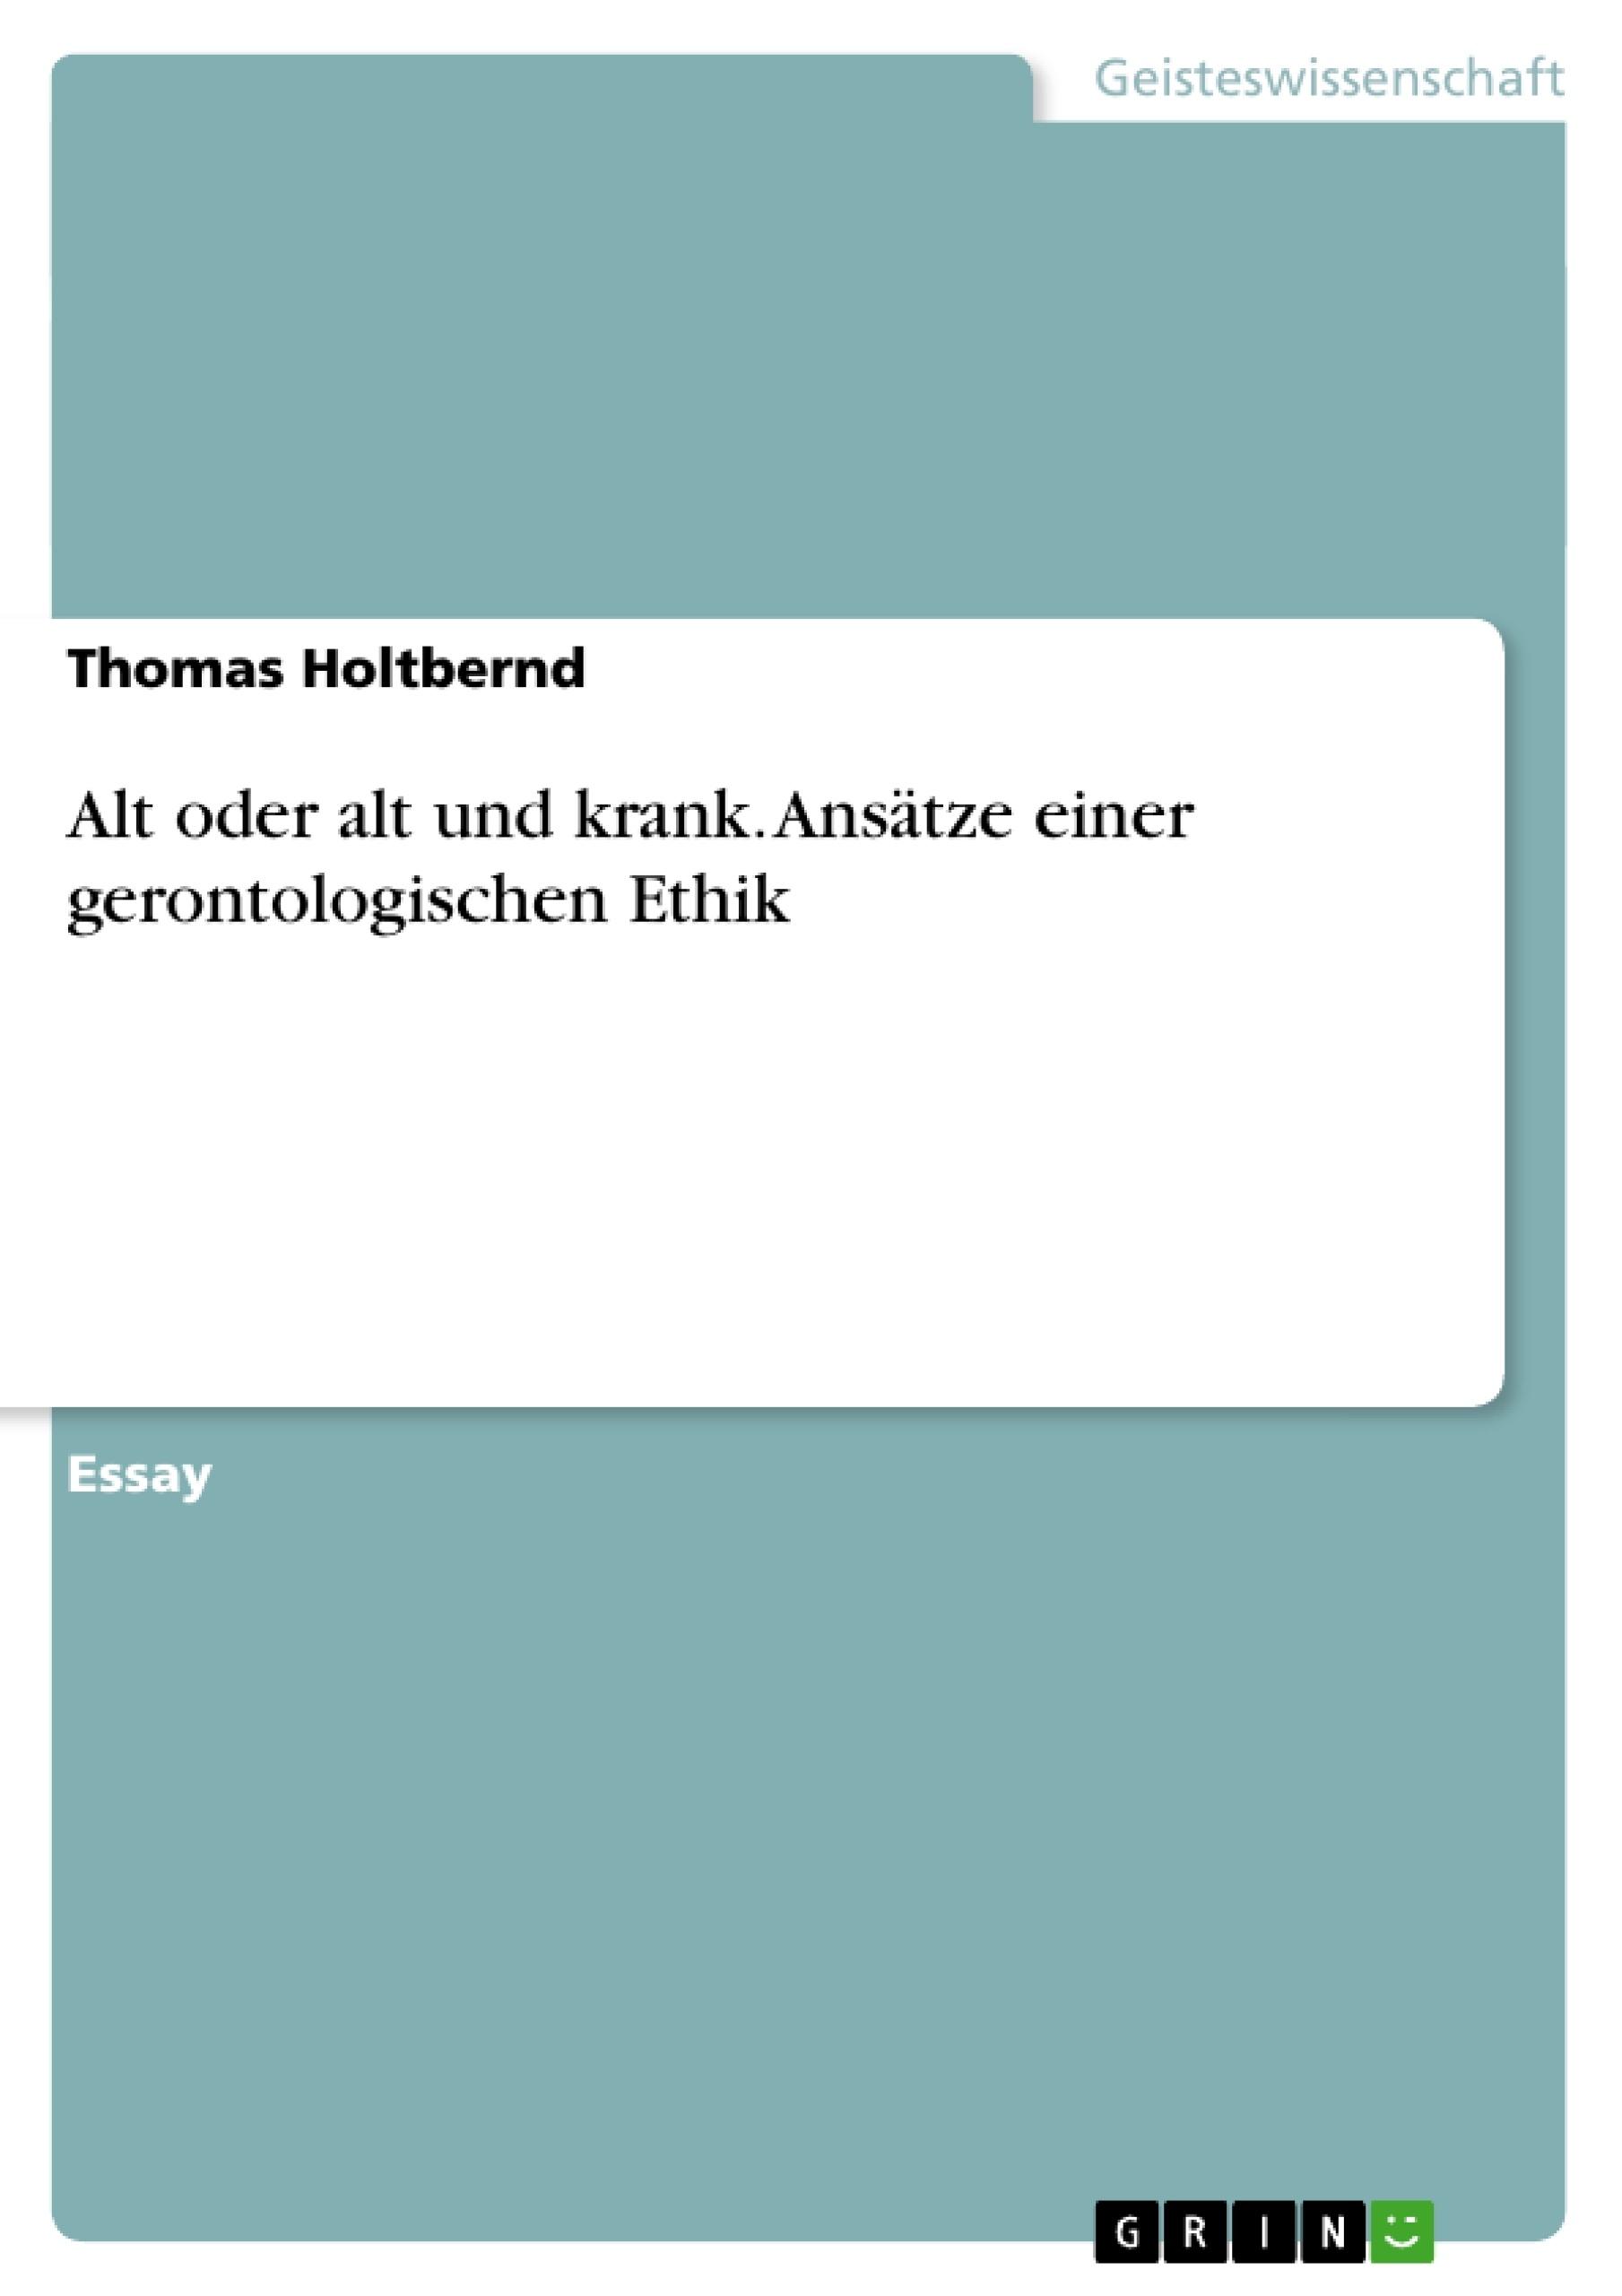 Titel: Alt oder alt und krank. Ansätze einer gerontologischen Ethik